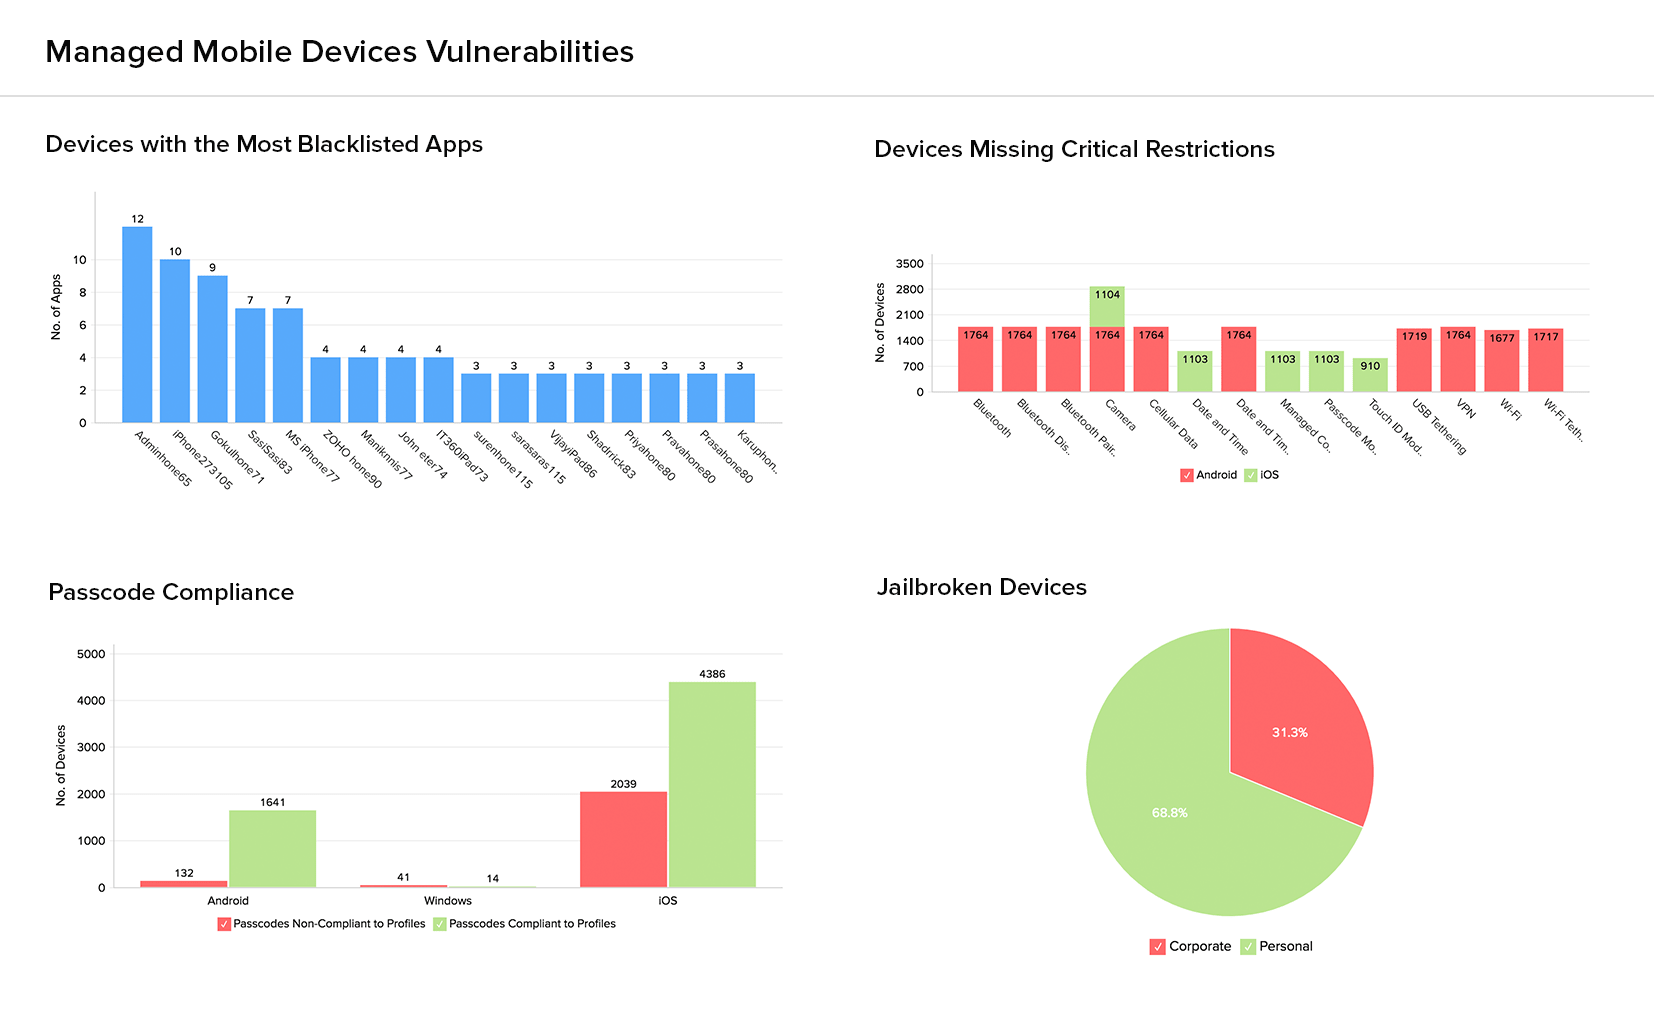 Device Vulnerabilities